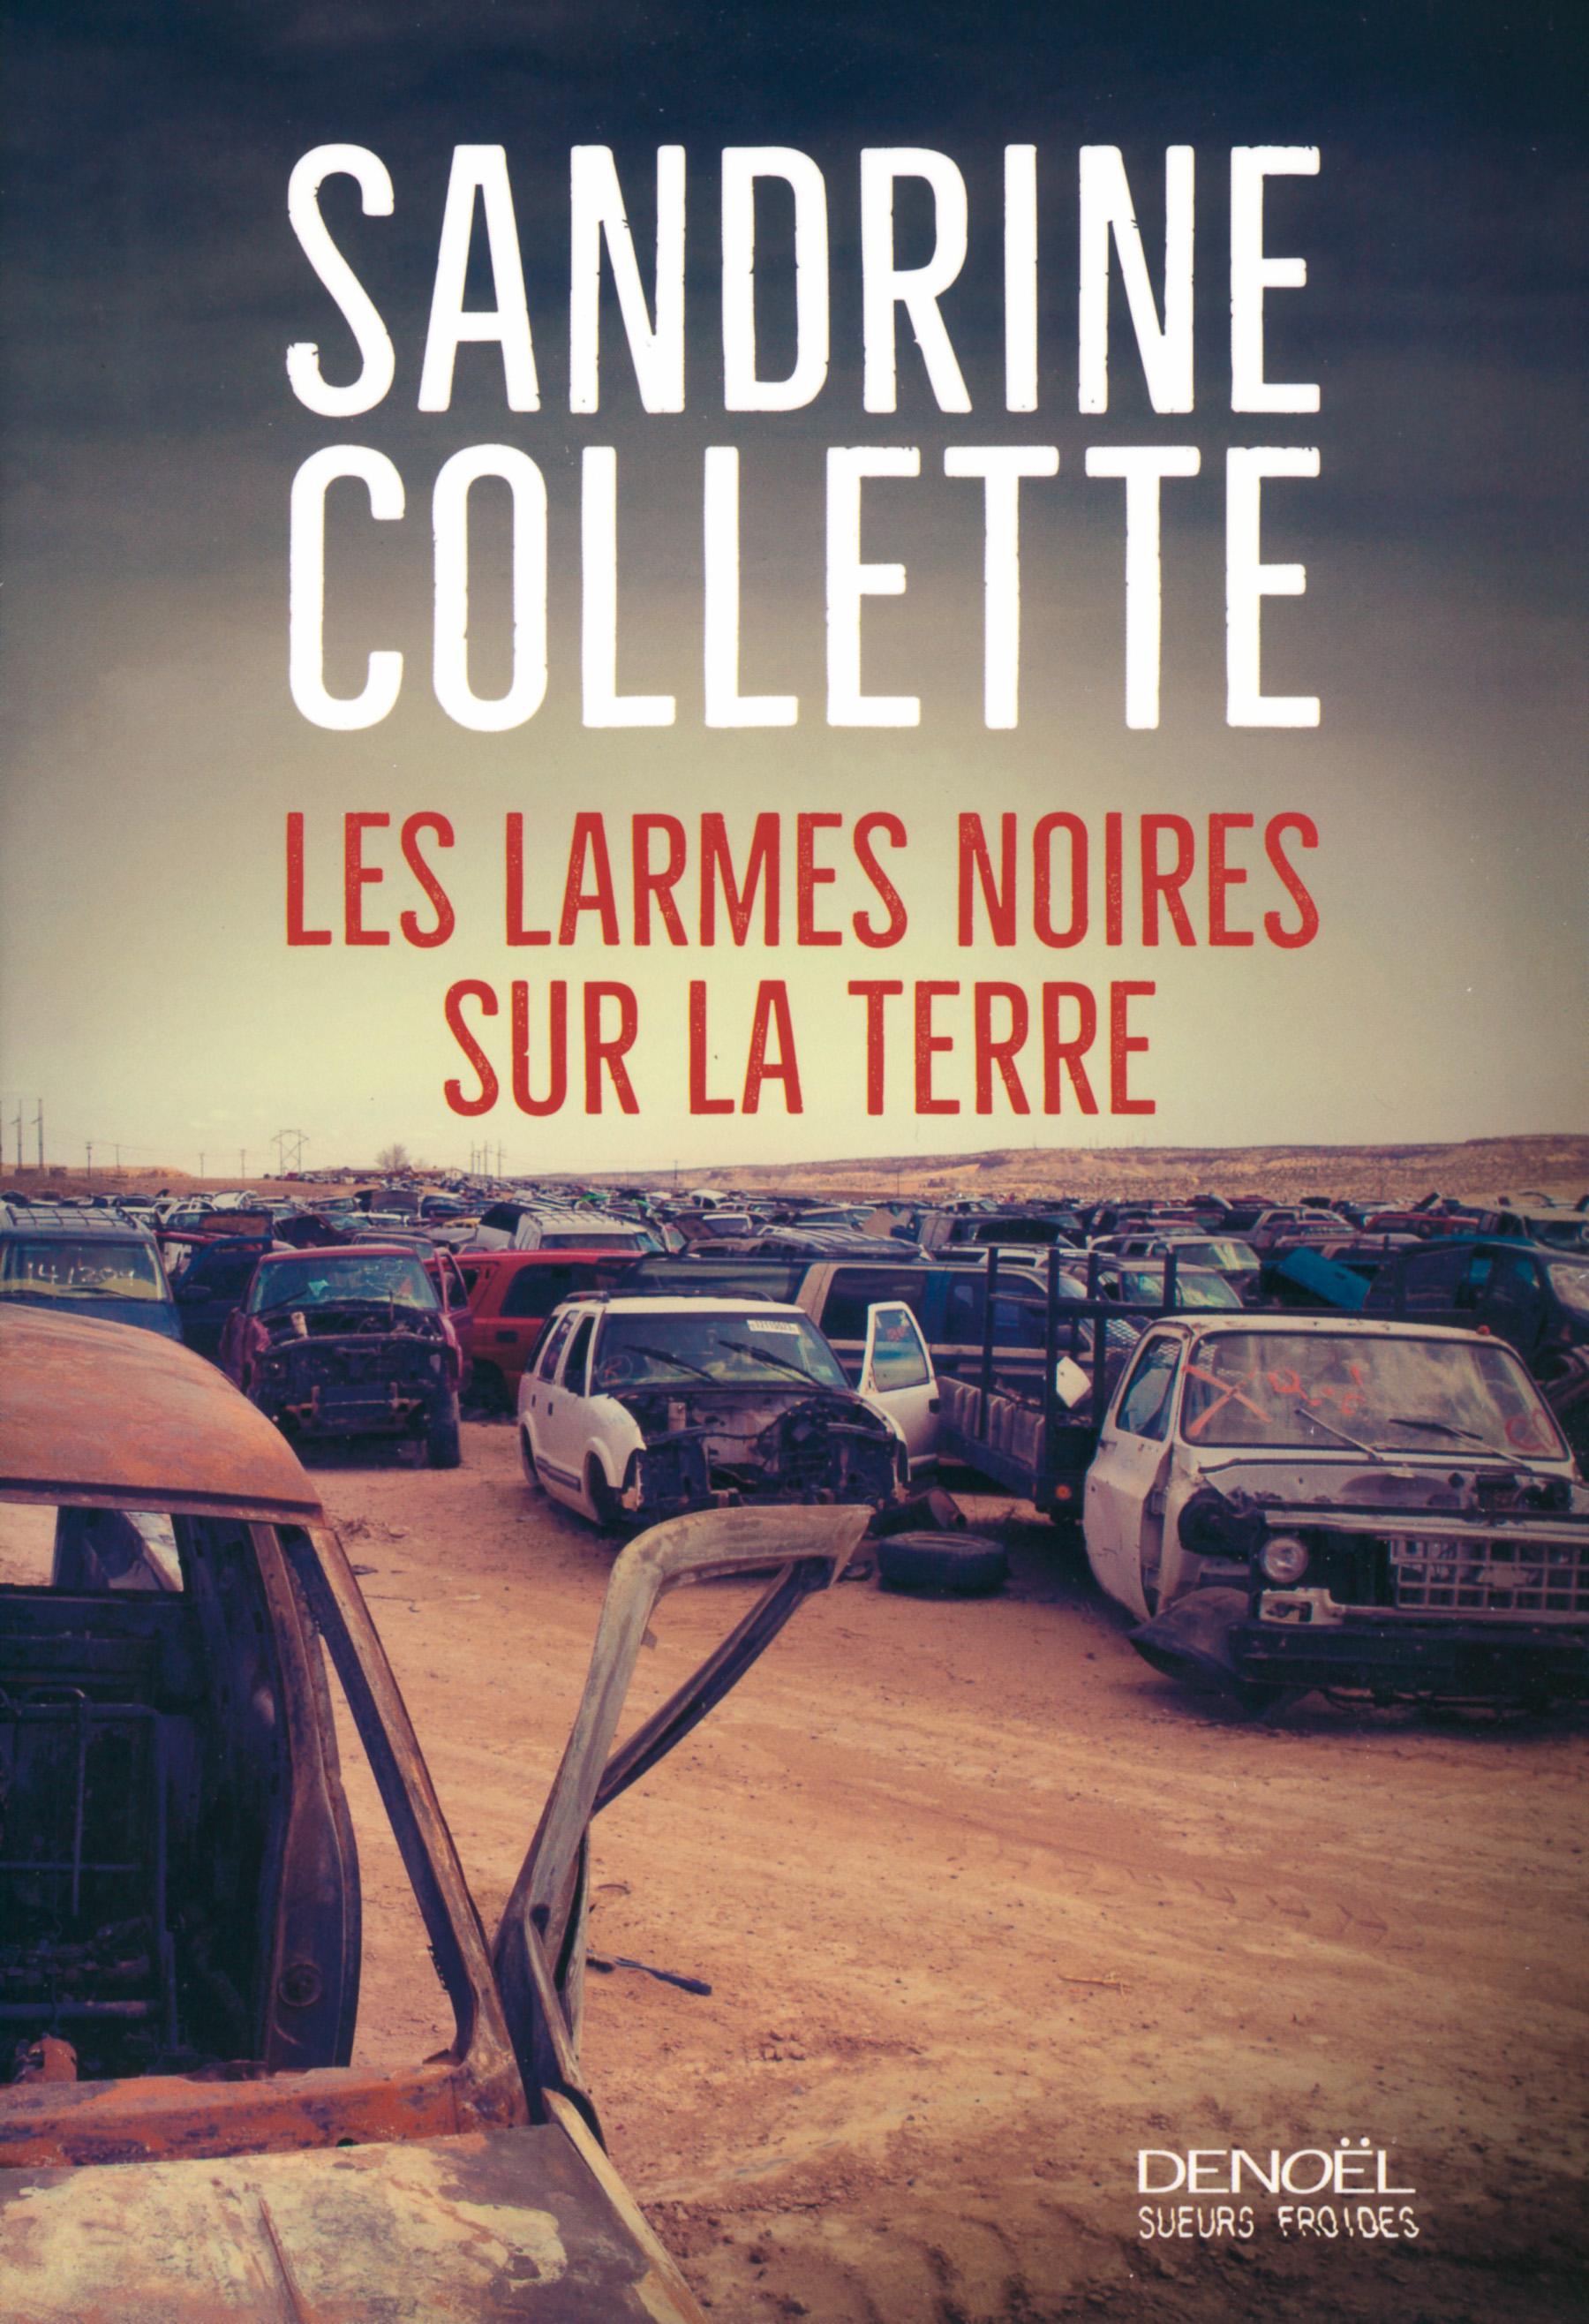 """Résultat de recherche d'images pour """"Les larmes noires sur la terre     Sandrine Collette   Denoël"""""""